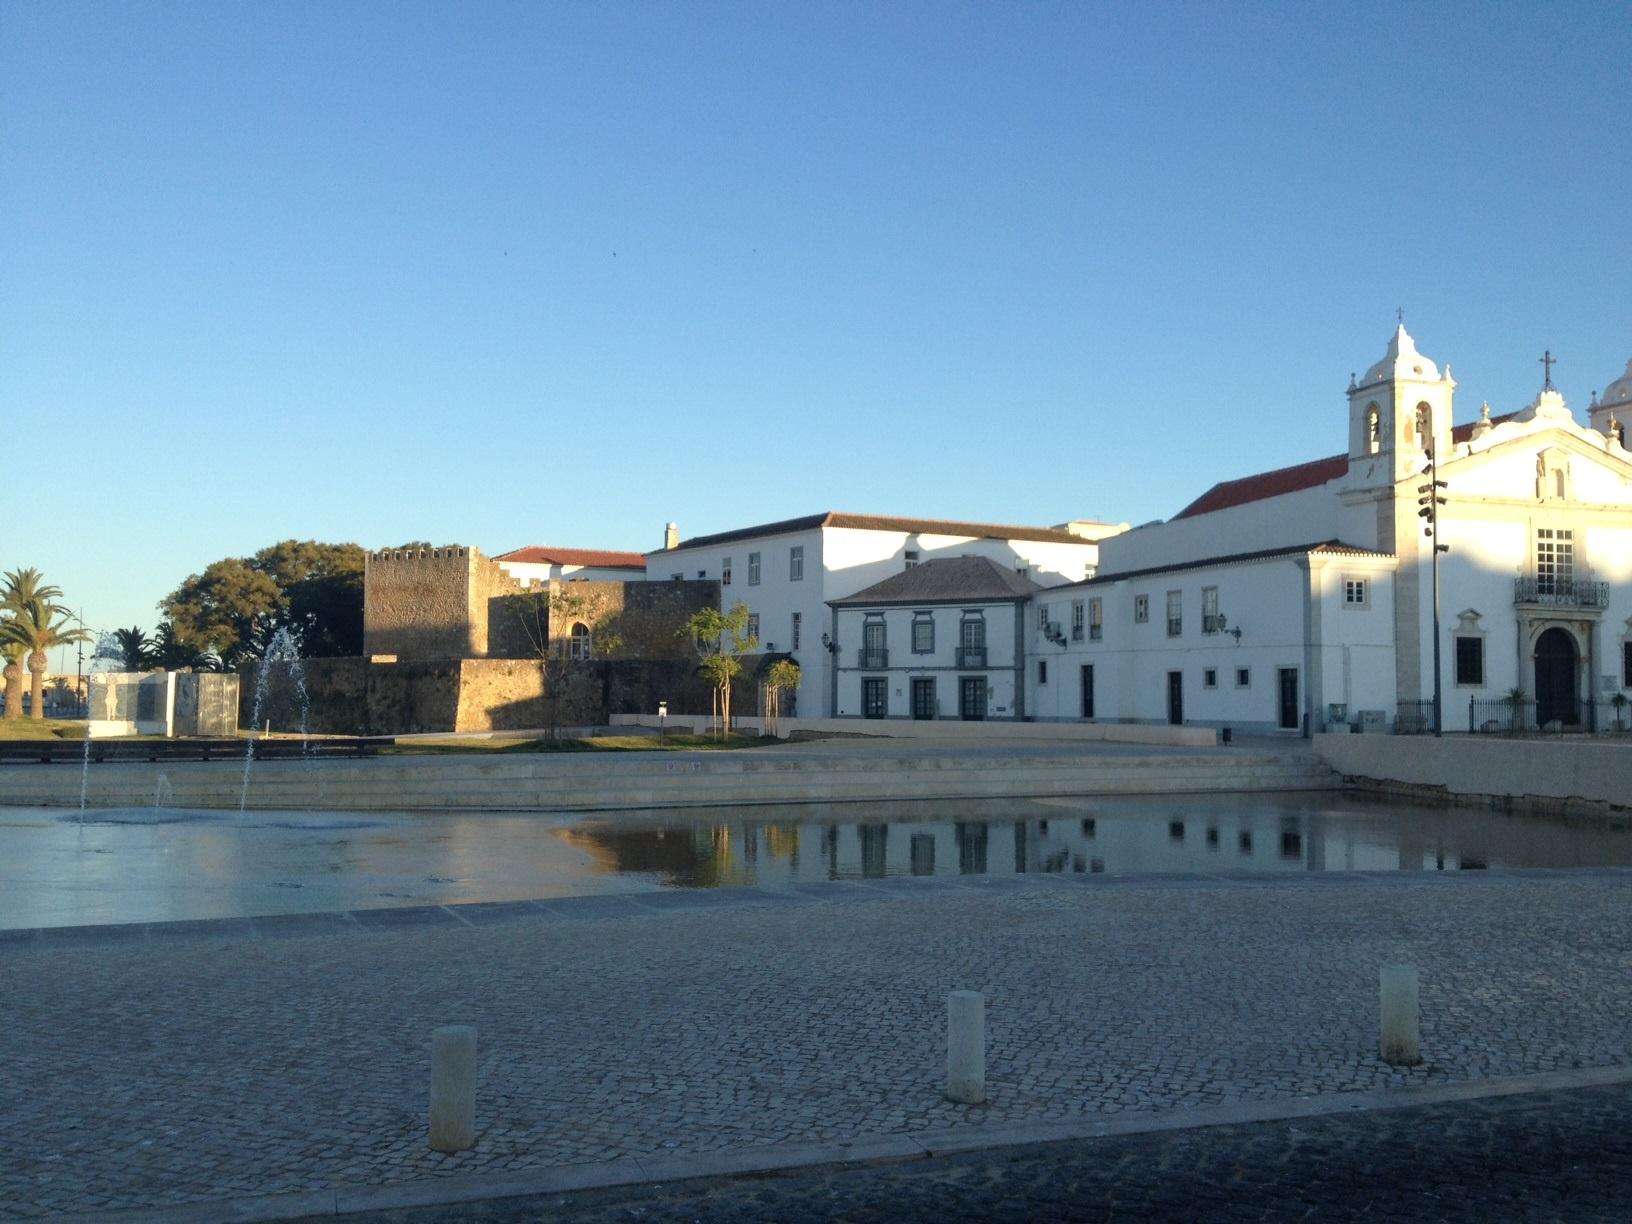 Ferienhaus Bungalow, im schönen Garten ein Pool auch für die 2 Wohnungen, sehr ruhiger Ort (2377732), Luz, , Algarve, Portugal, Bild 4